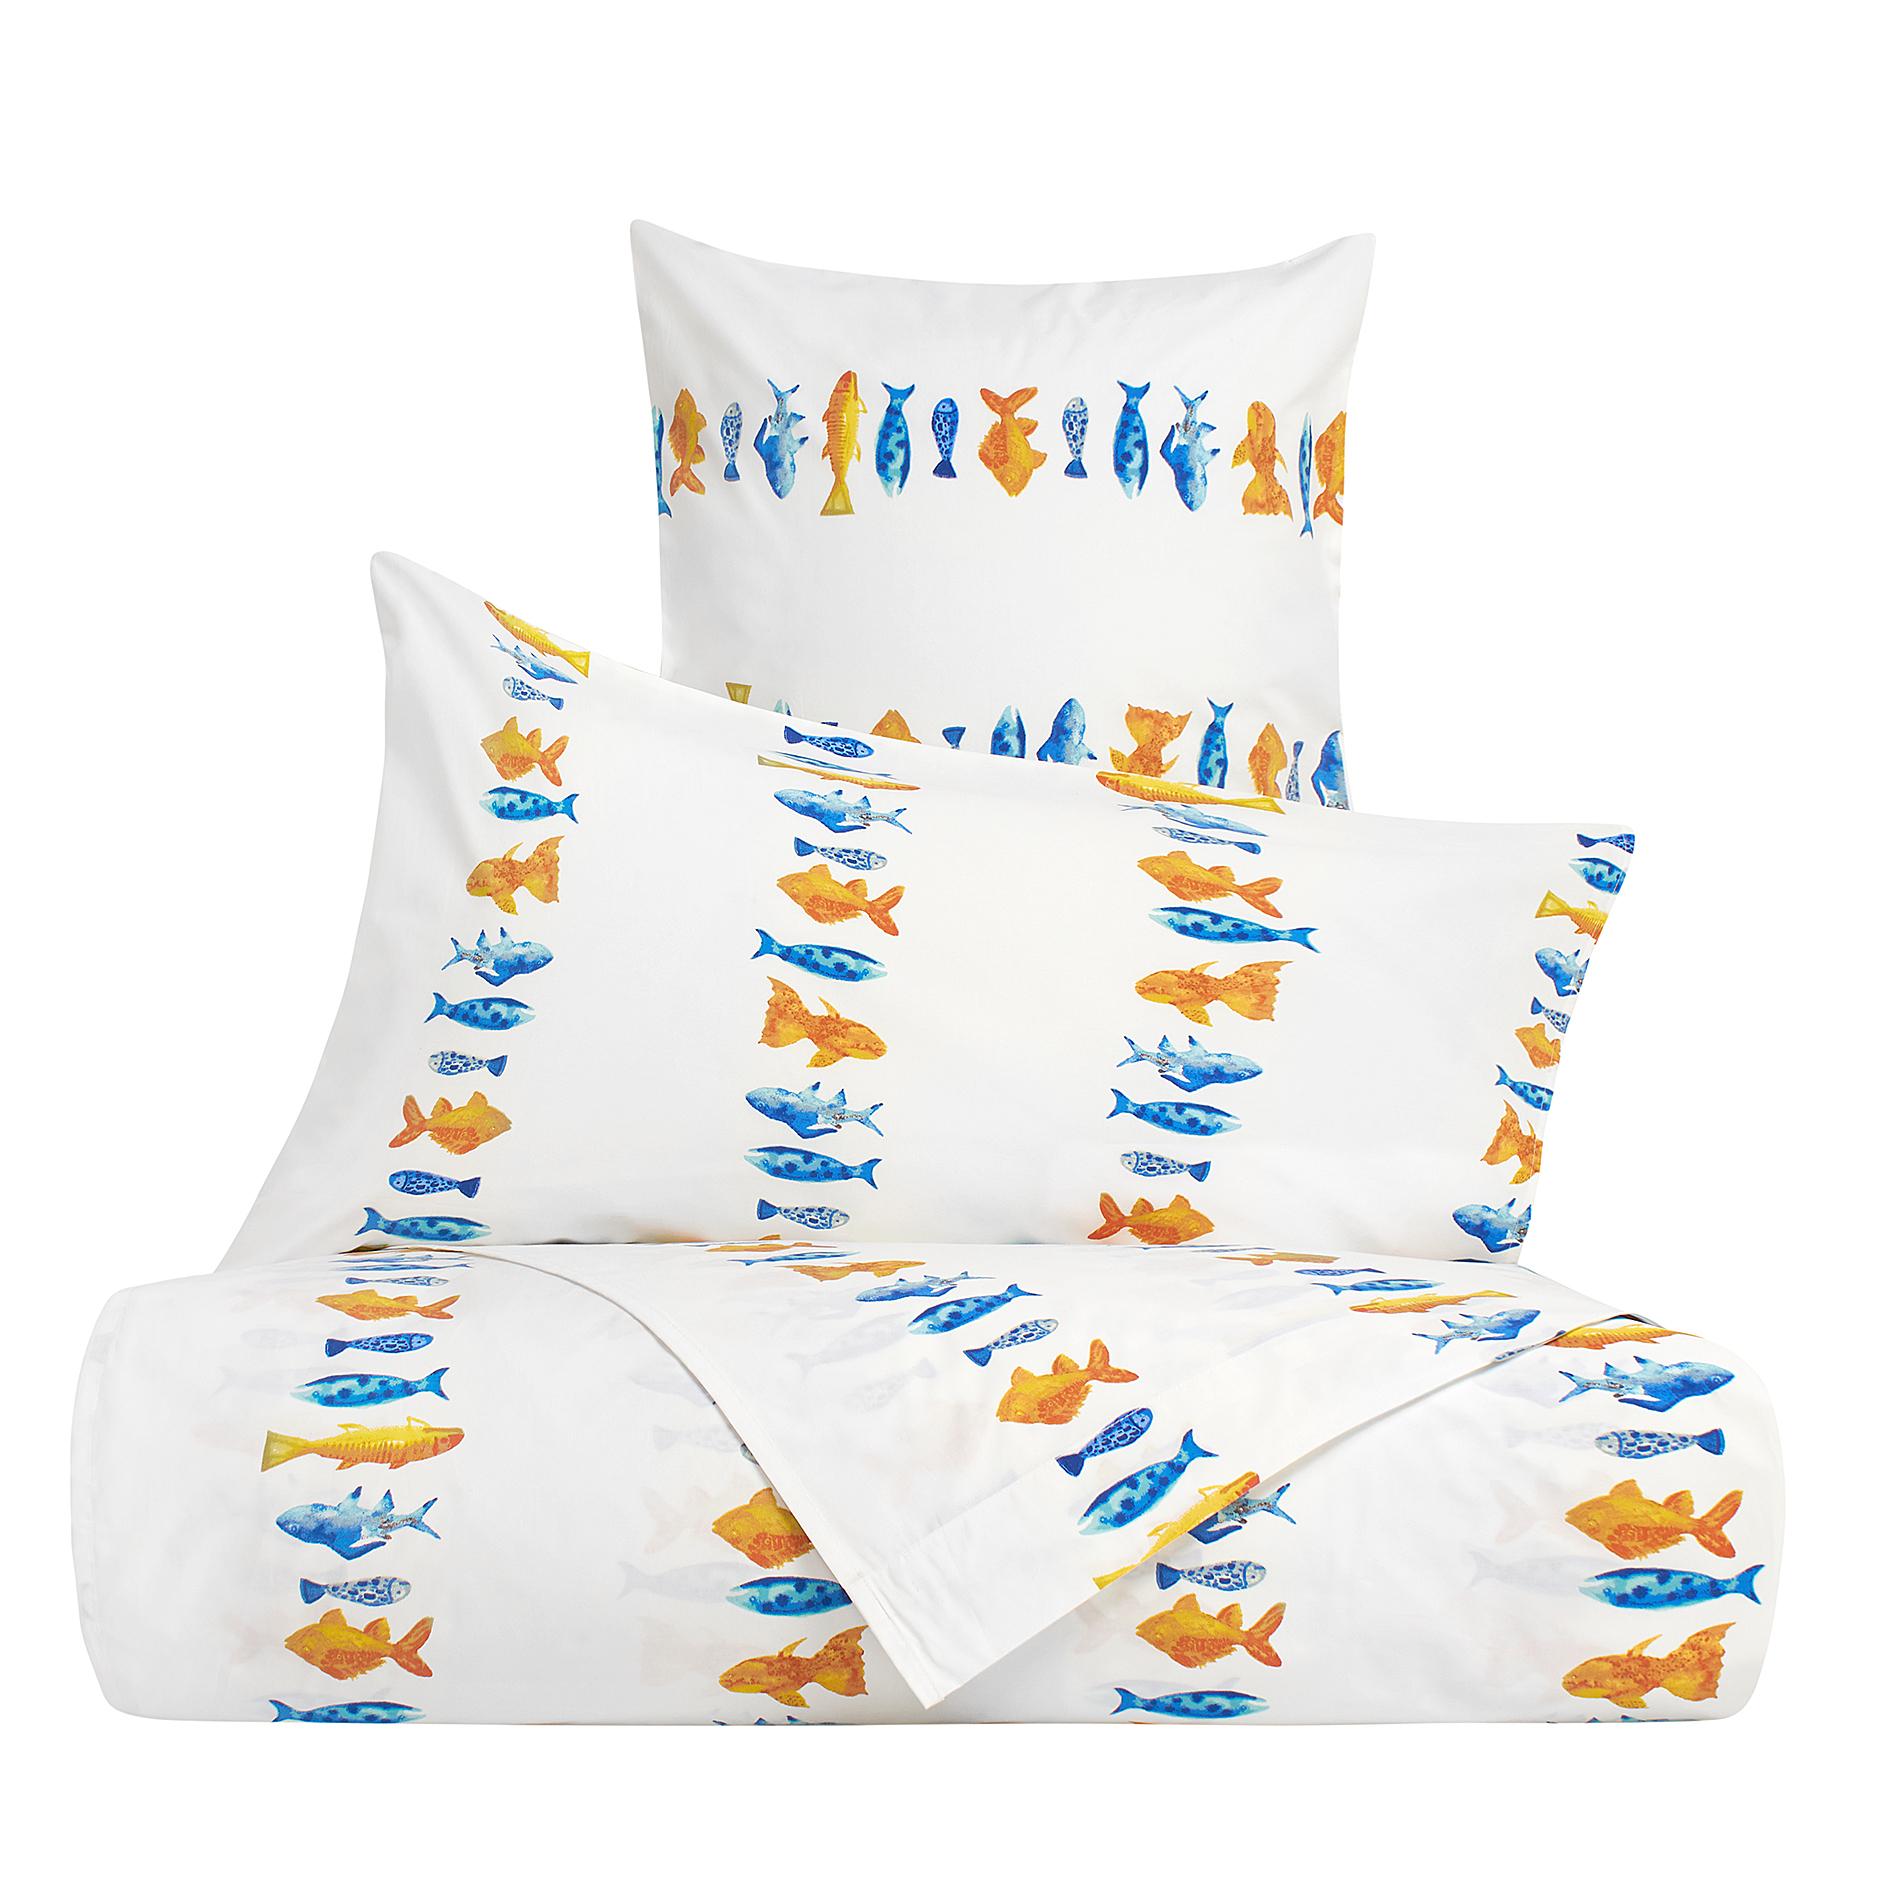 Linea letto in cotone percalle pesci coincasa - Tende coin casa ...